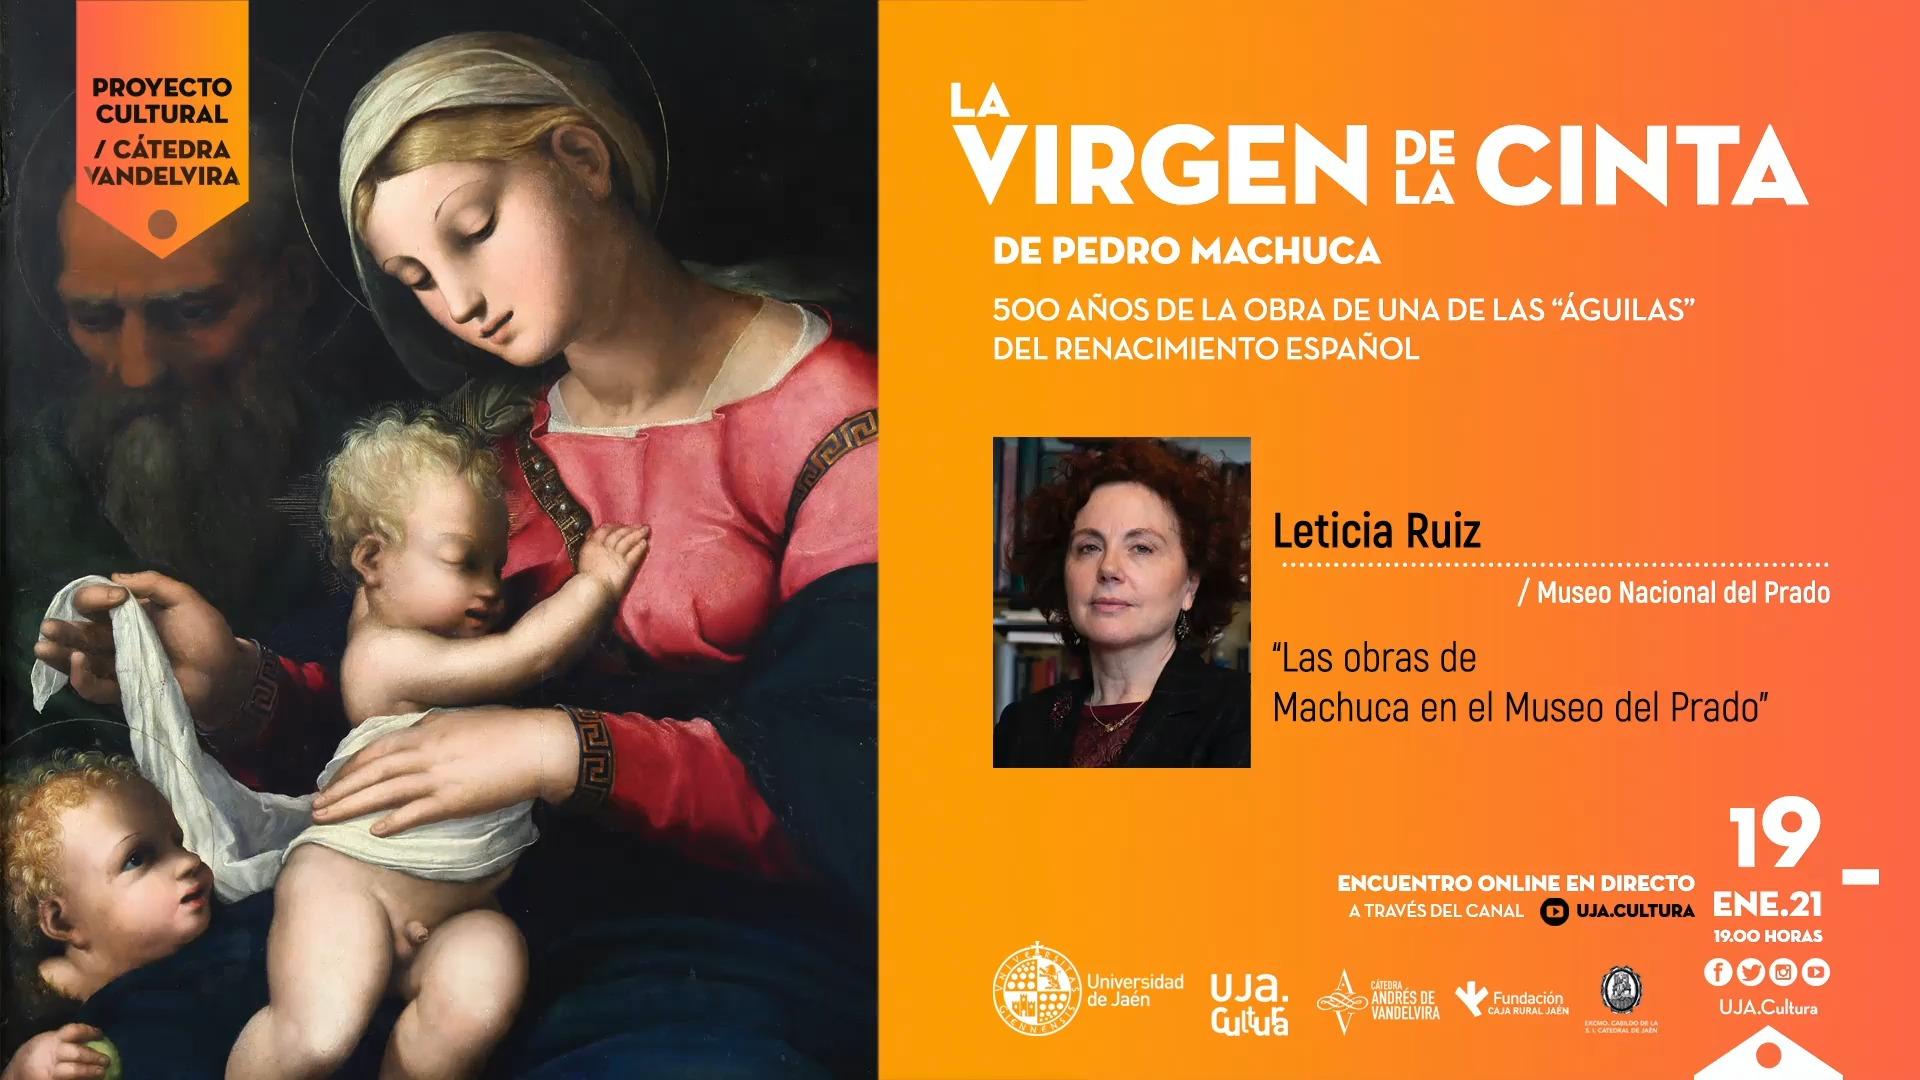 Las obras de Machuca en el Museo del Prado